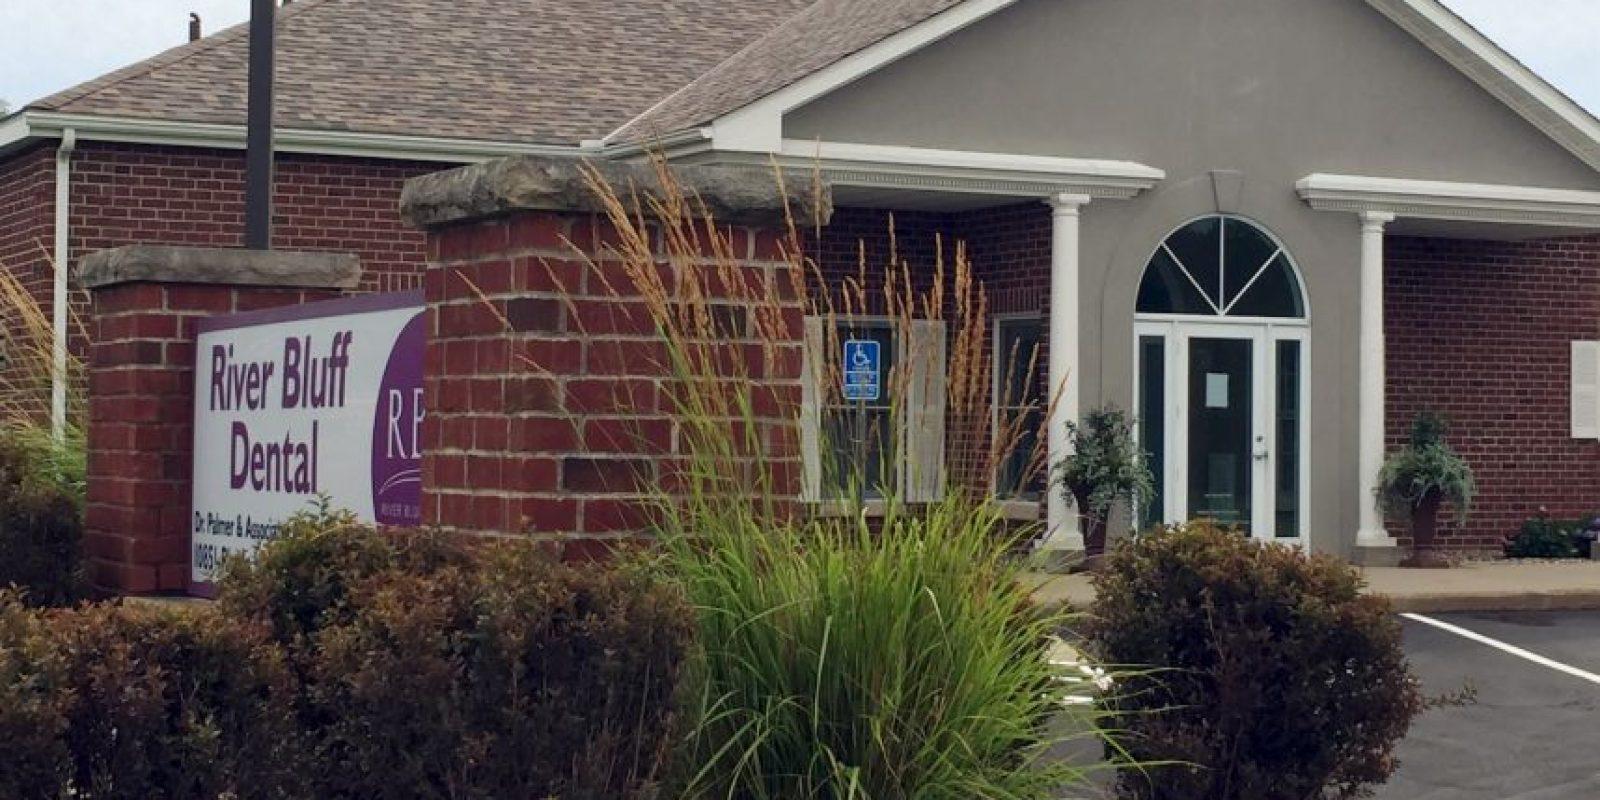 Después de la muerte del león, el dentista cerró su clínica, debido a los ataques que recibía. Foto:AP